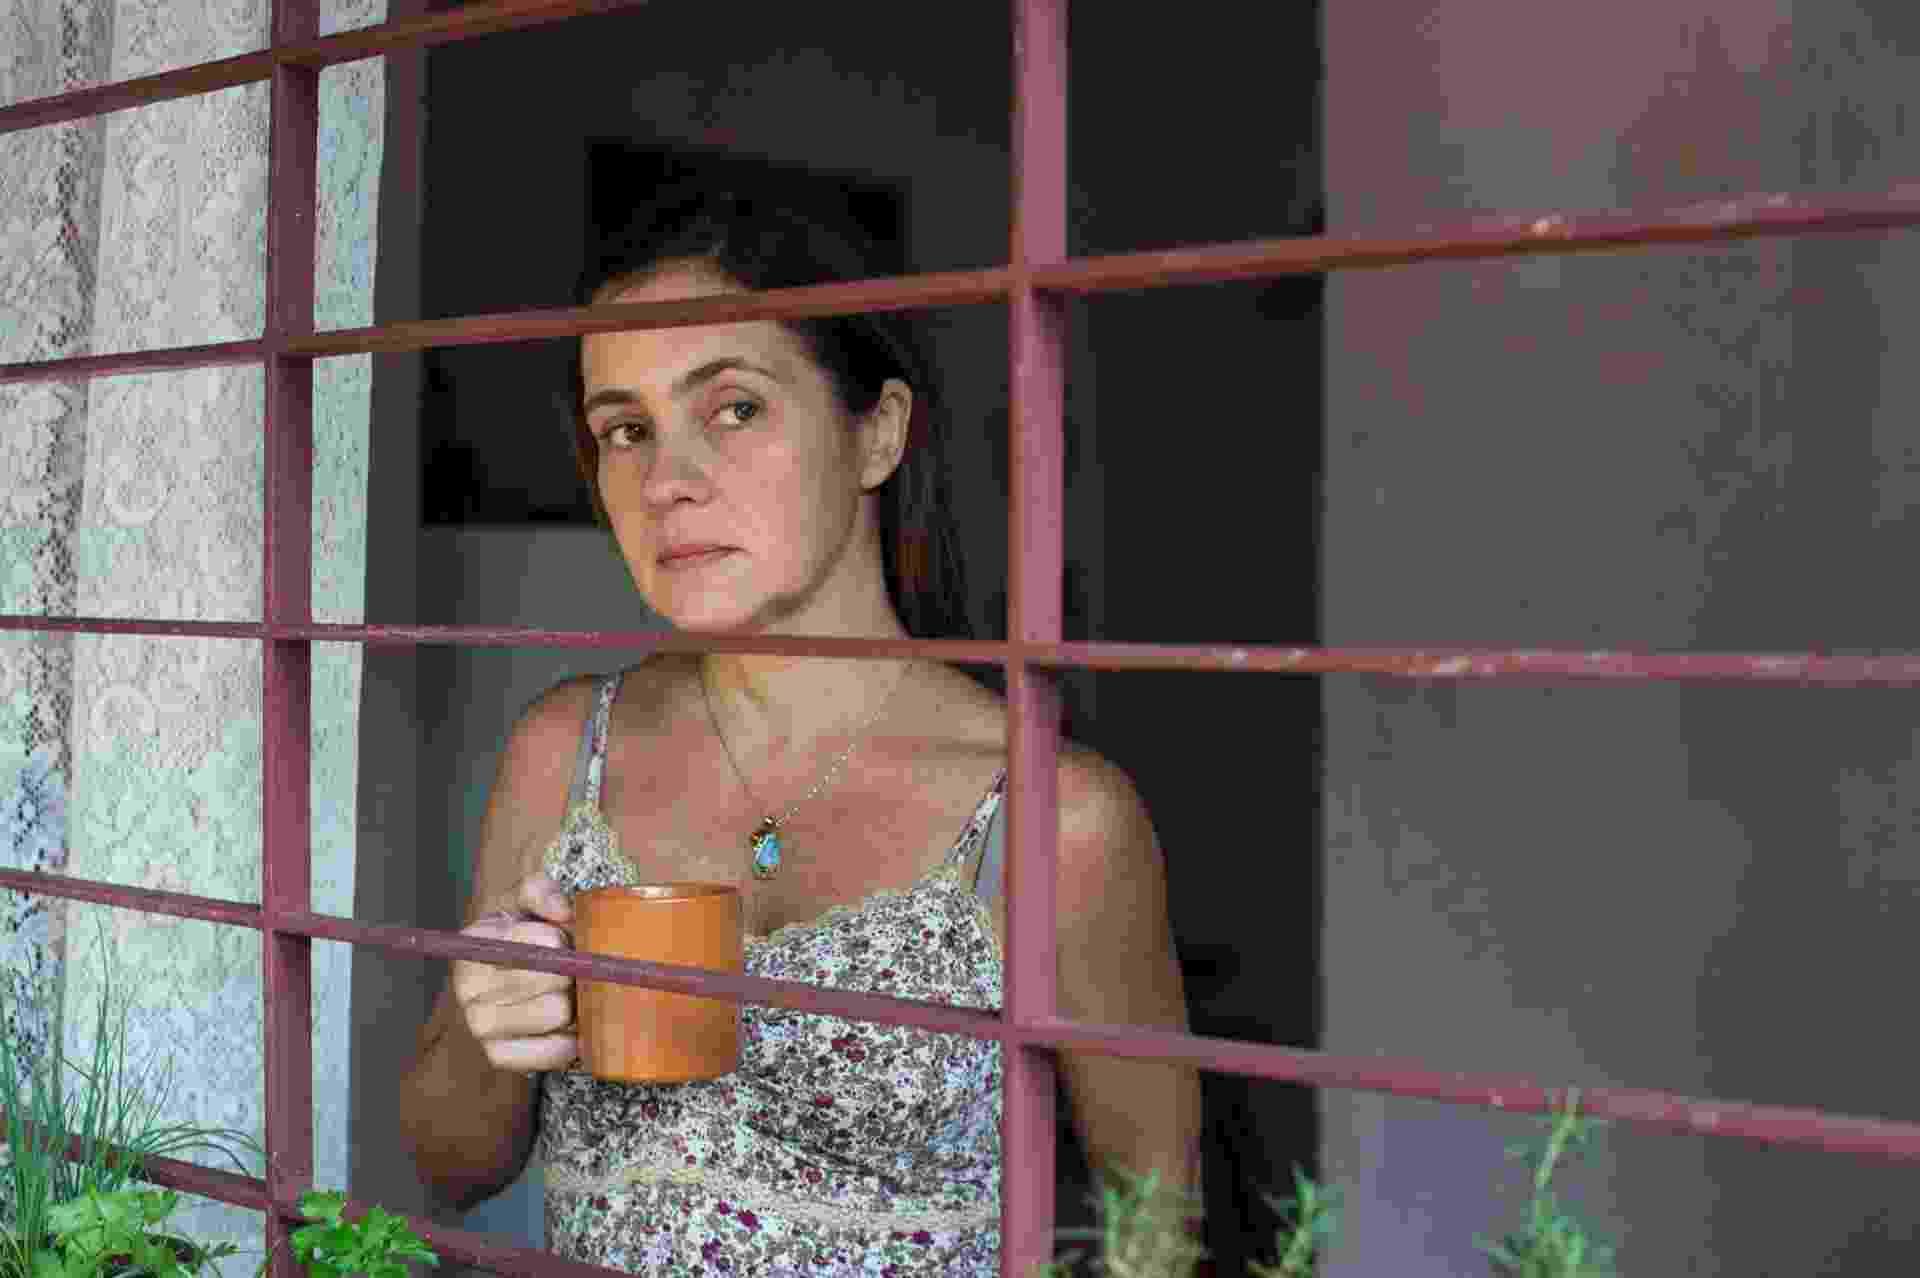 Adriana Esteves é Fátima, que se irrita com o cachorro dos novos vizinhos após seu filho ser atacado pelo animal. Ela perde a cabeça, mata o cachorro e o dono do animal, o policial machista Douglas (Enrique Diaz), decide se vingar plantando drogas no jardim da vizinha. Ela é presa por sete anos e vê sua vida e família desmoronar a cada dia - Estevam Avellar/Globo